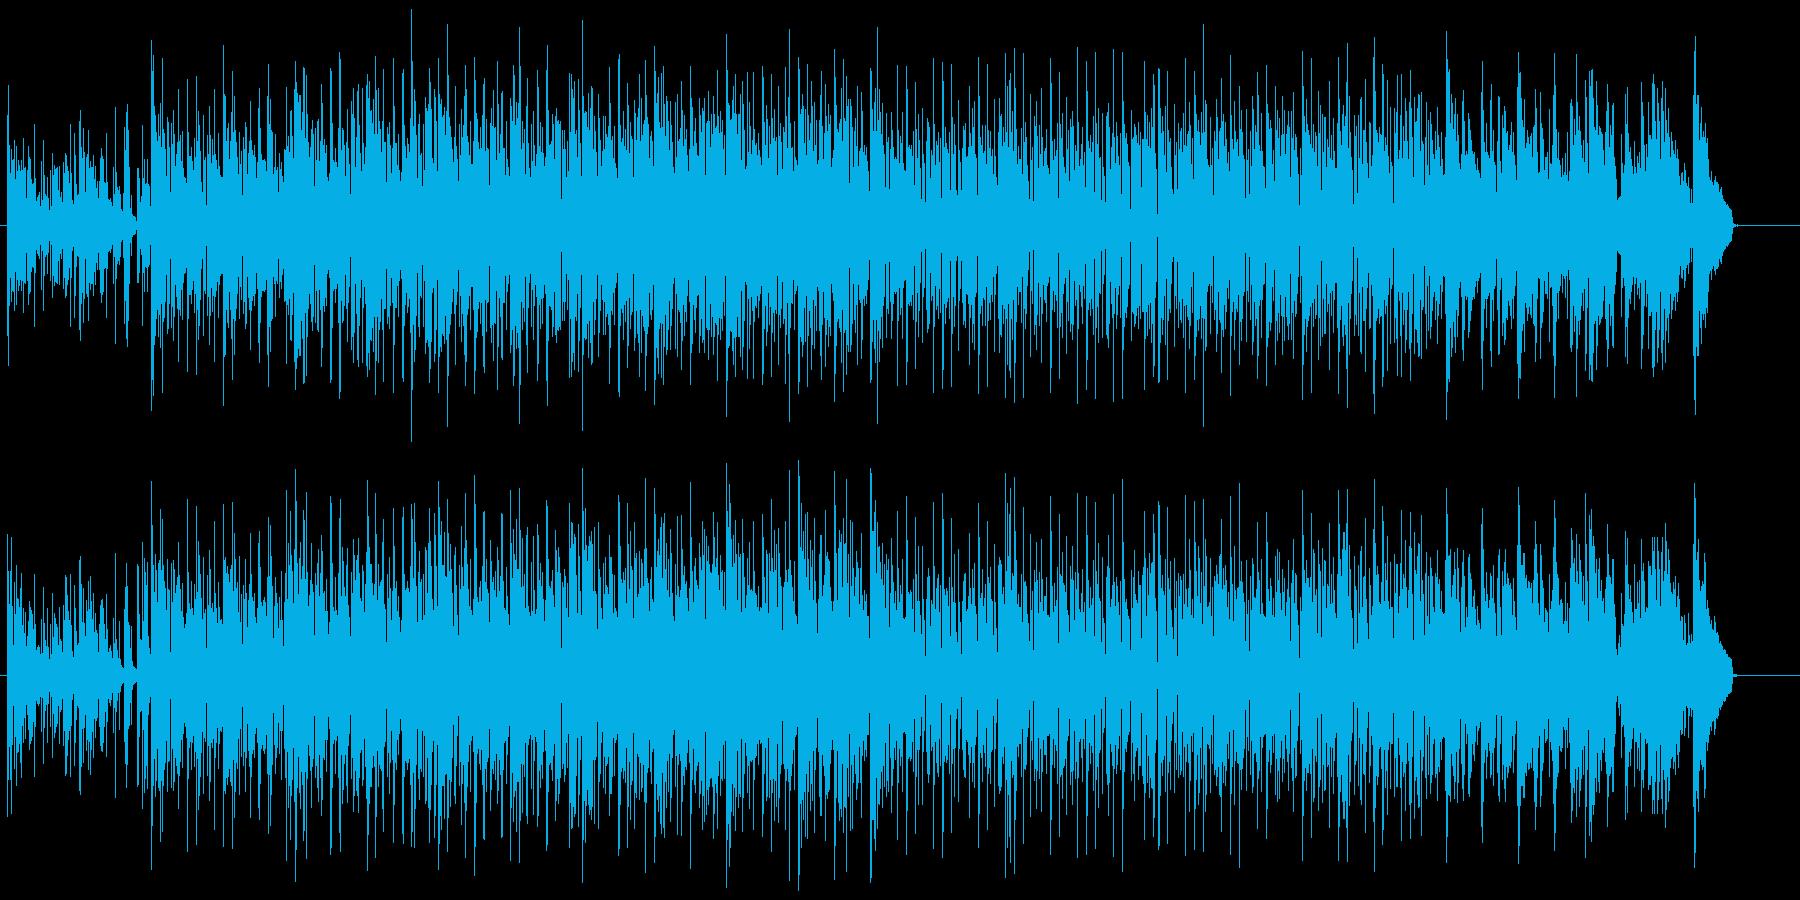 妖艶なアシッド・ジャズ系クラブ・サウンドの再生済みの波形